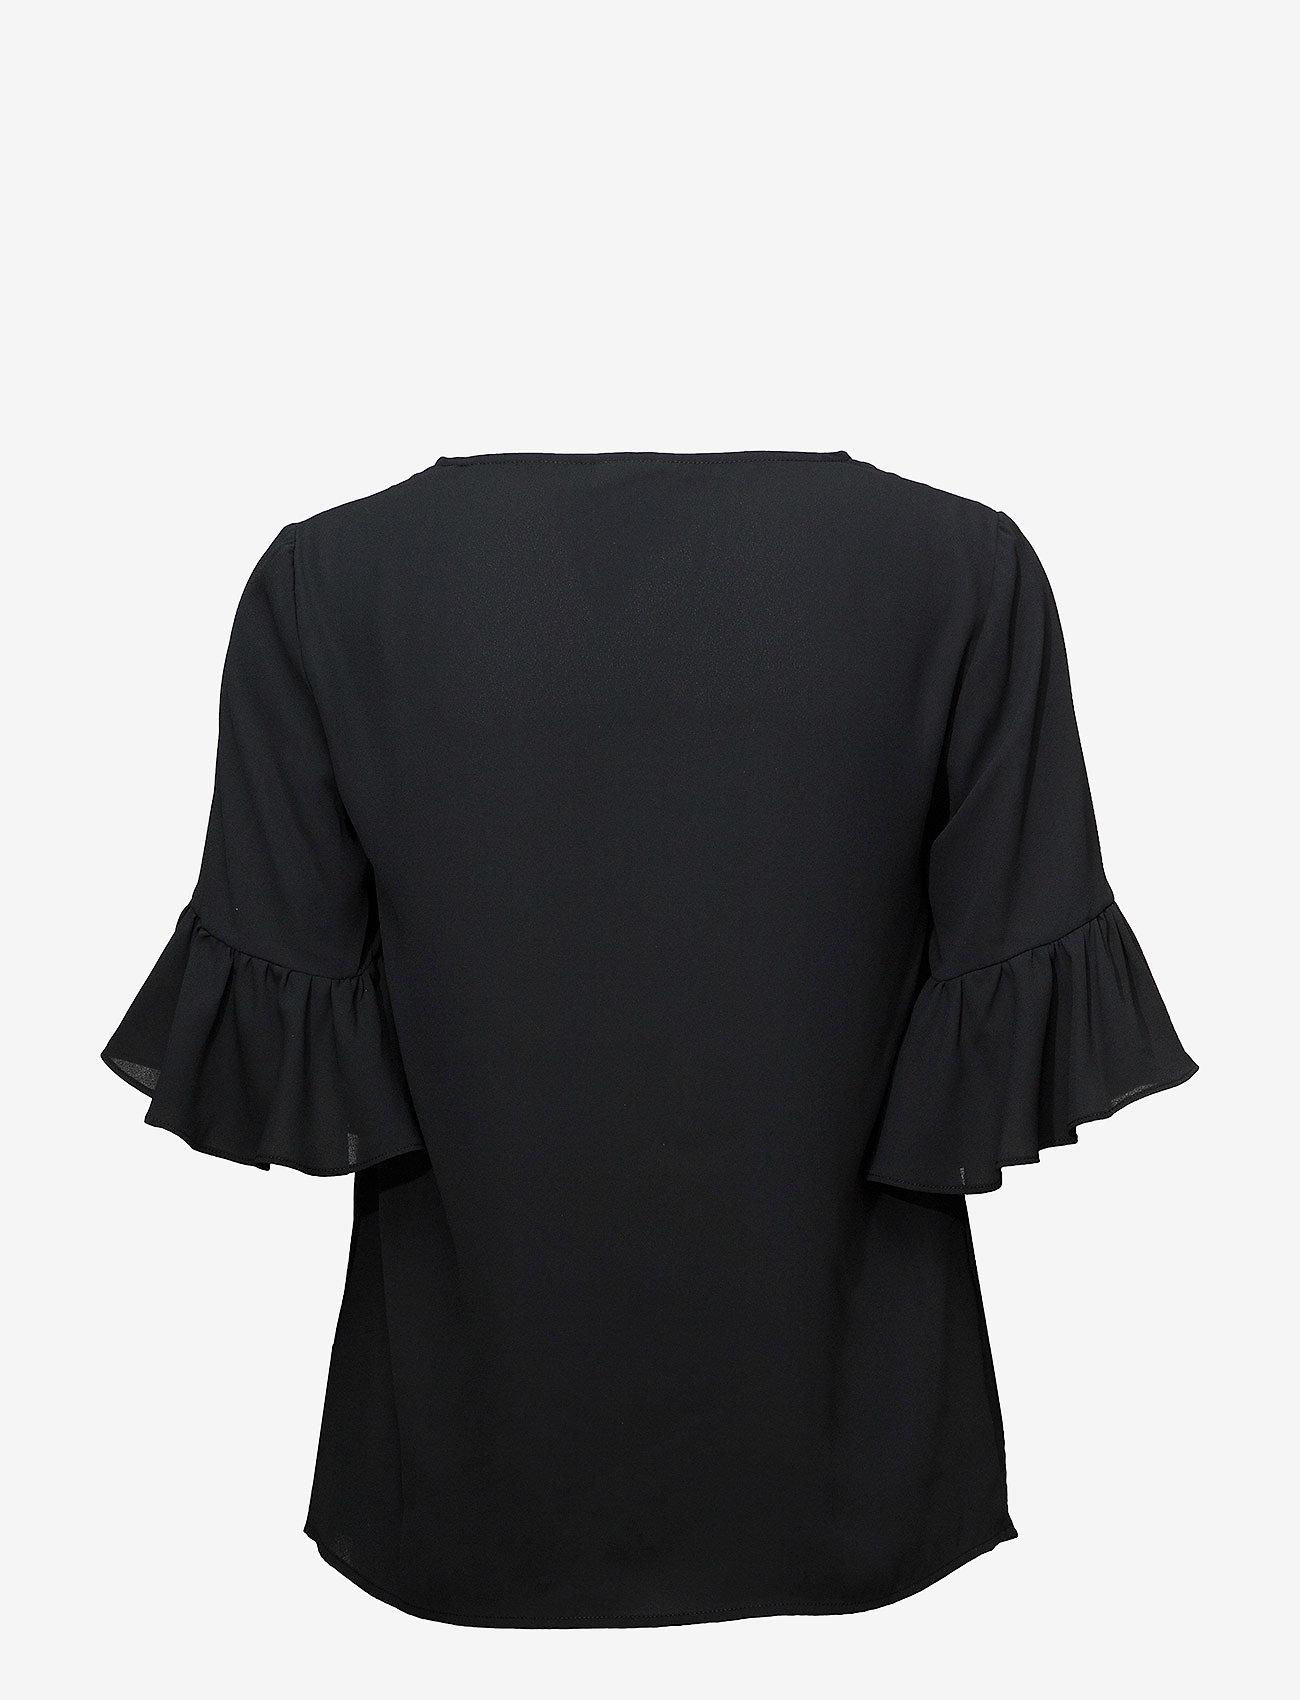 2NDDAY 2ND Dawn - Bluzki & Koszule BLACK - Kobiety Odzież.